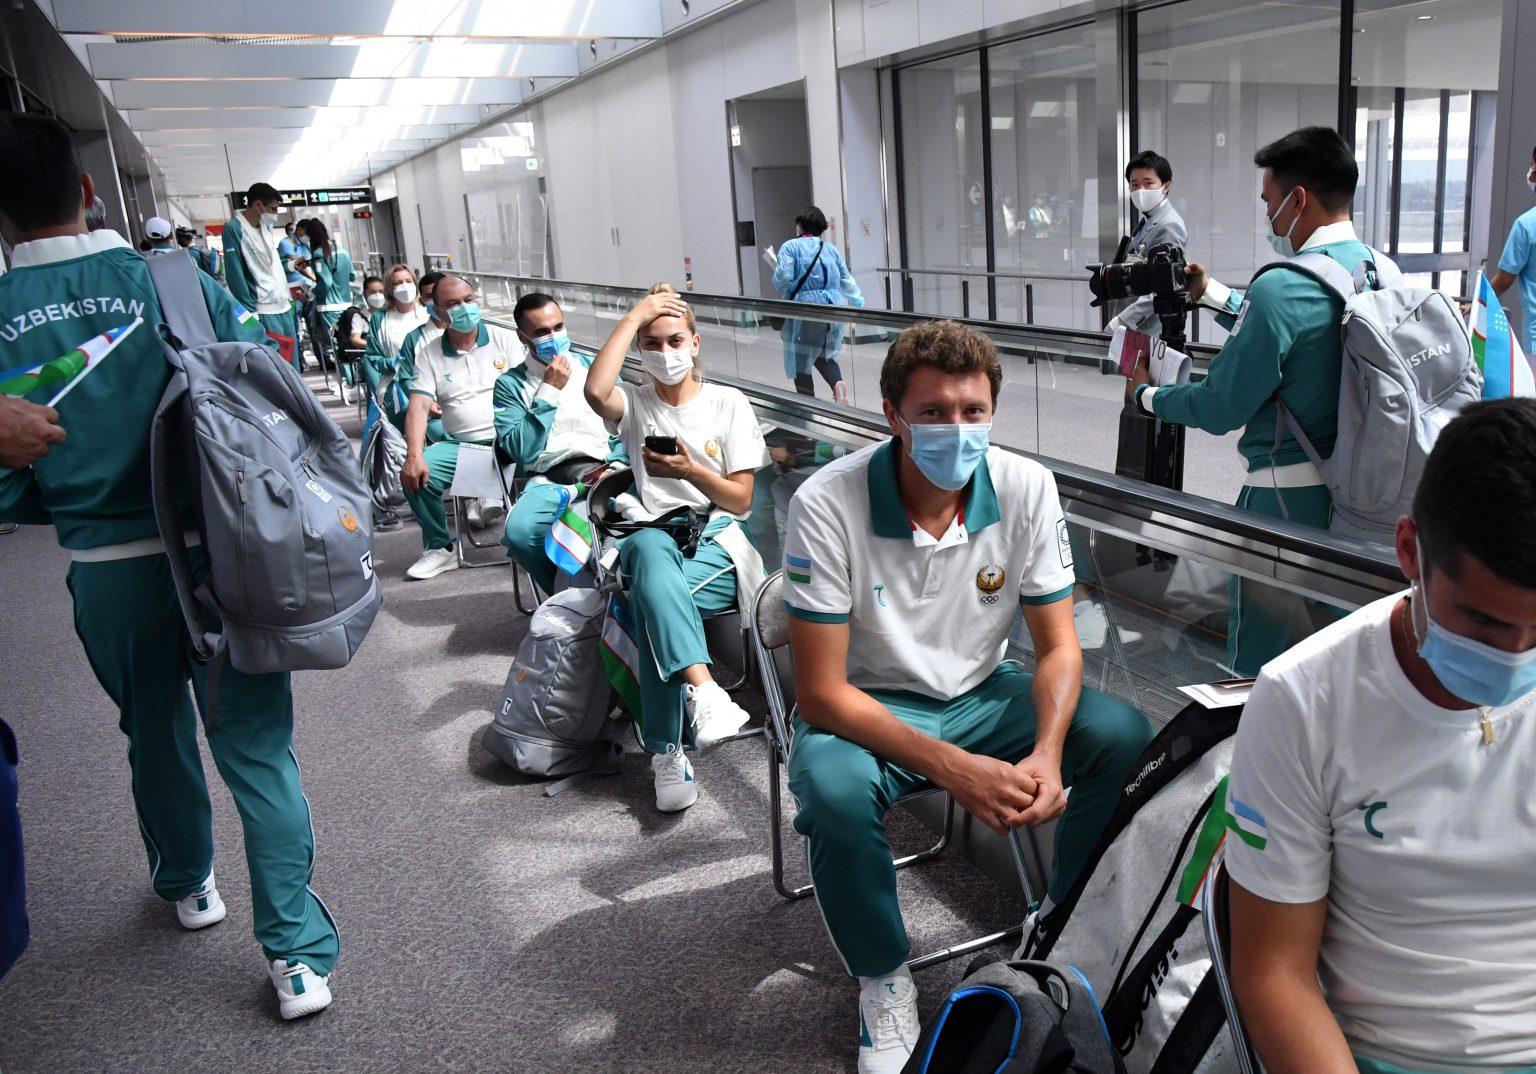 Узбекистан попал ТОП-5 в рейтинге образов олимпийских сборных